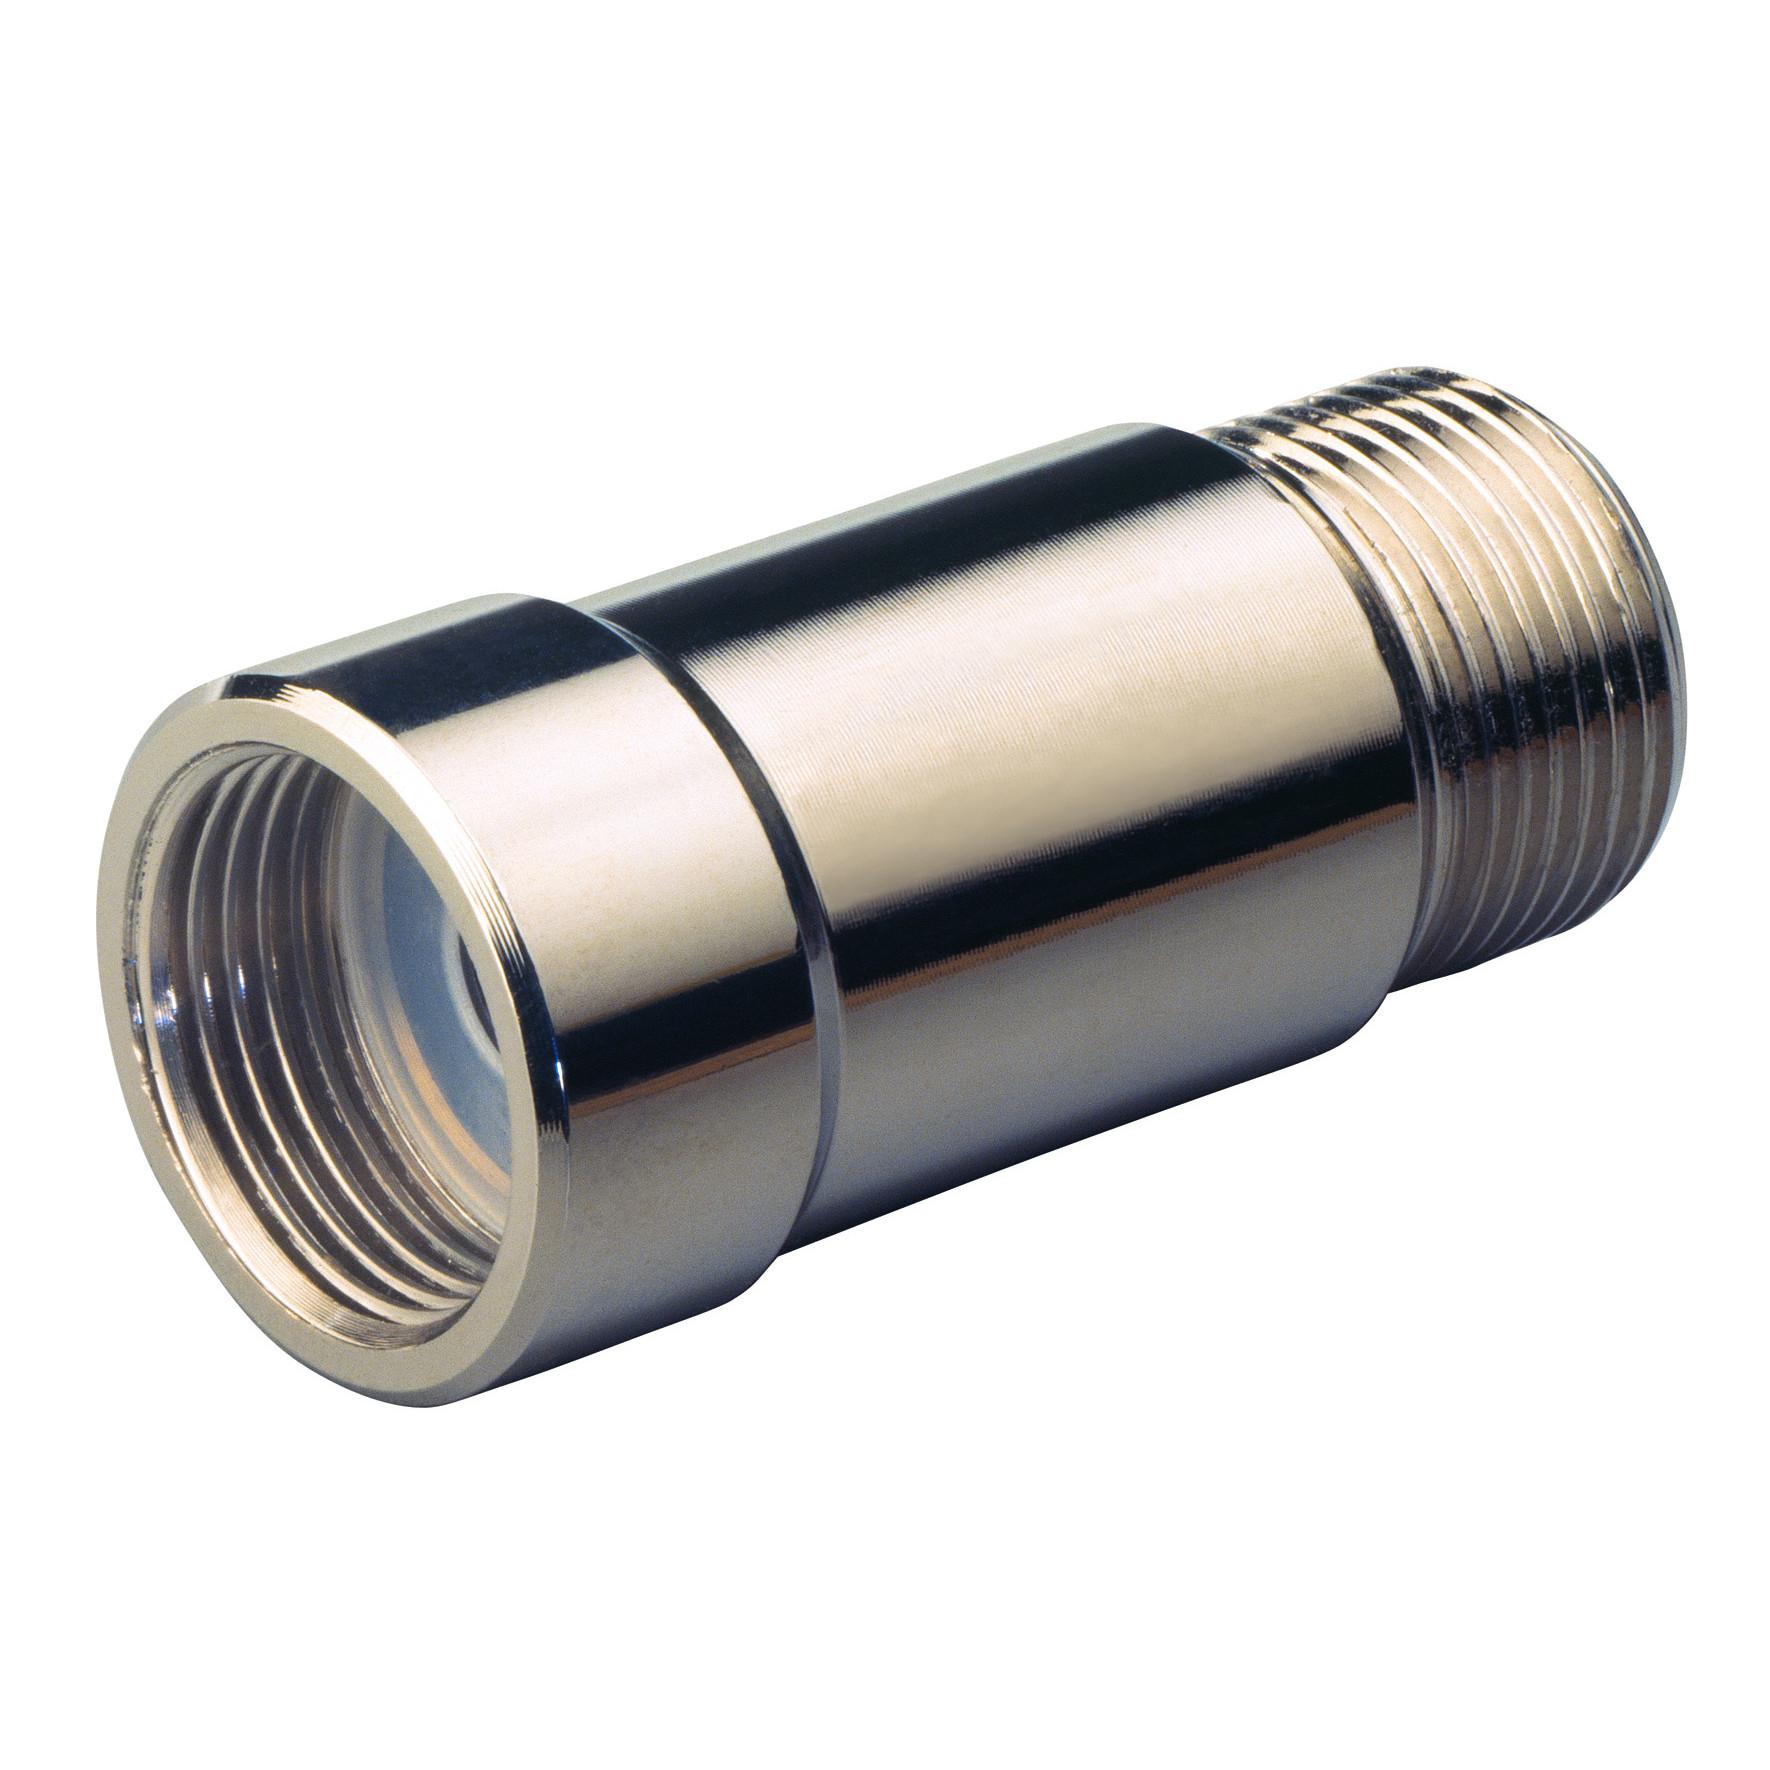 Ardes AR5021 accessorio e componente per lavastoviglie Decalcifier Acciaio inossidabile